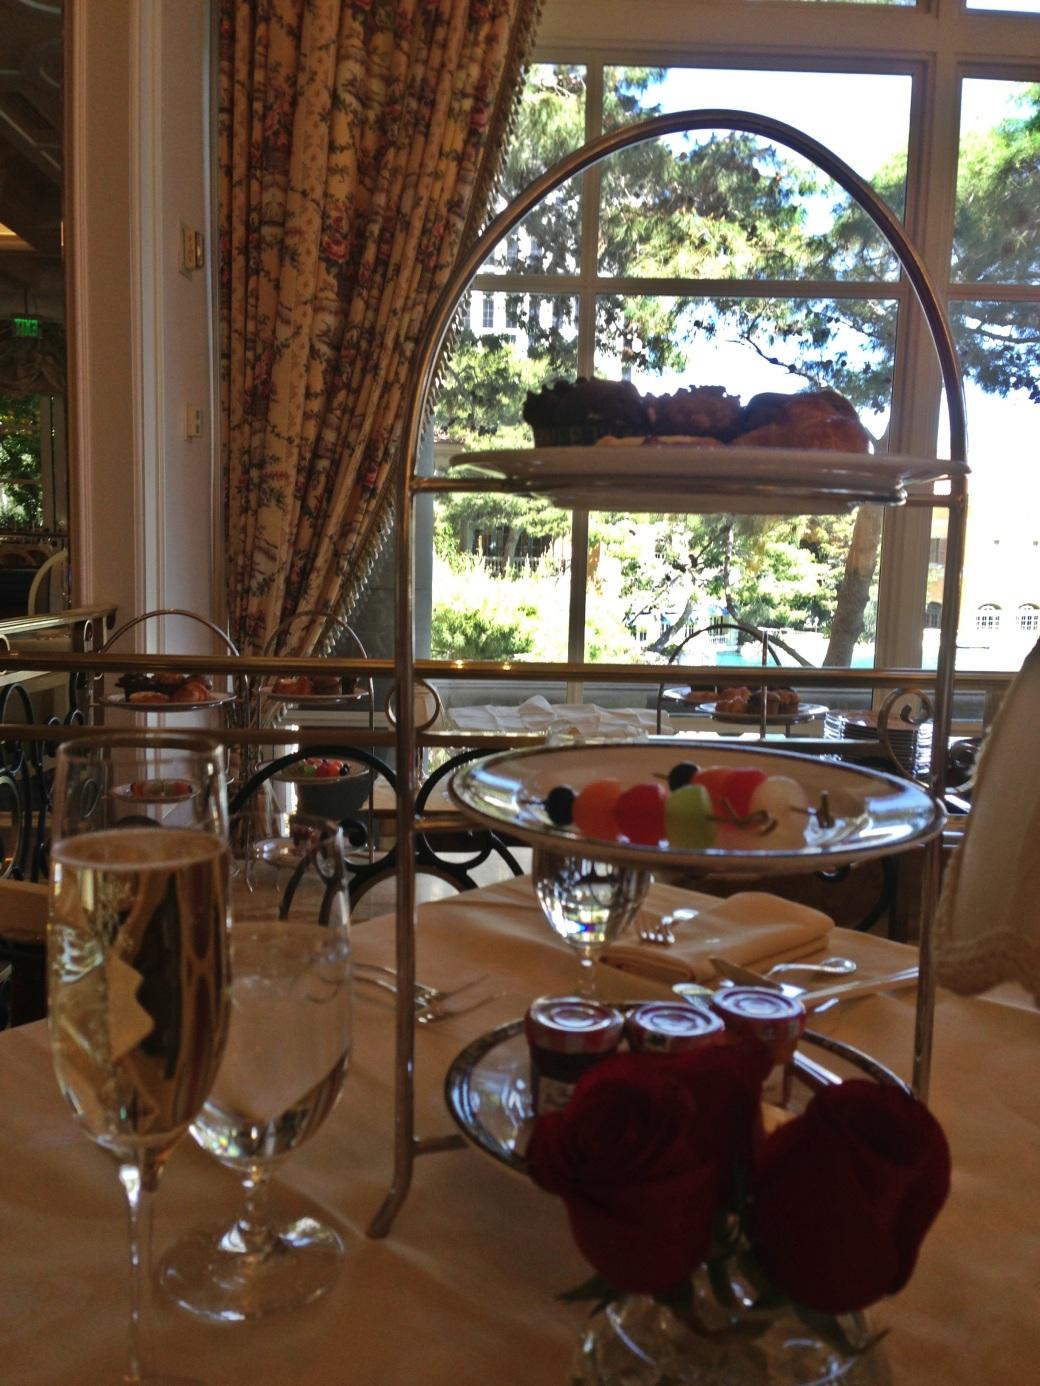 Breakfast Bellagio style